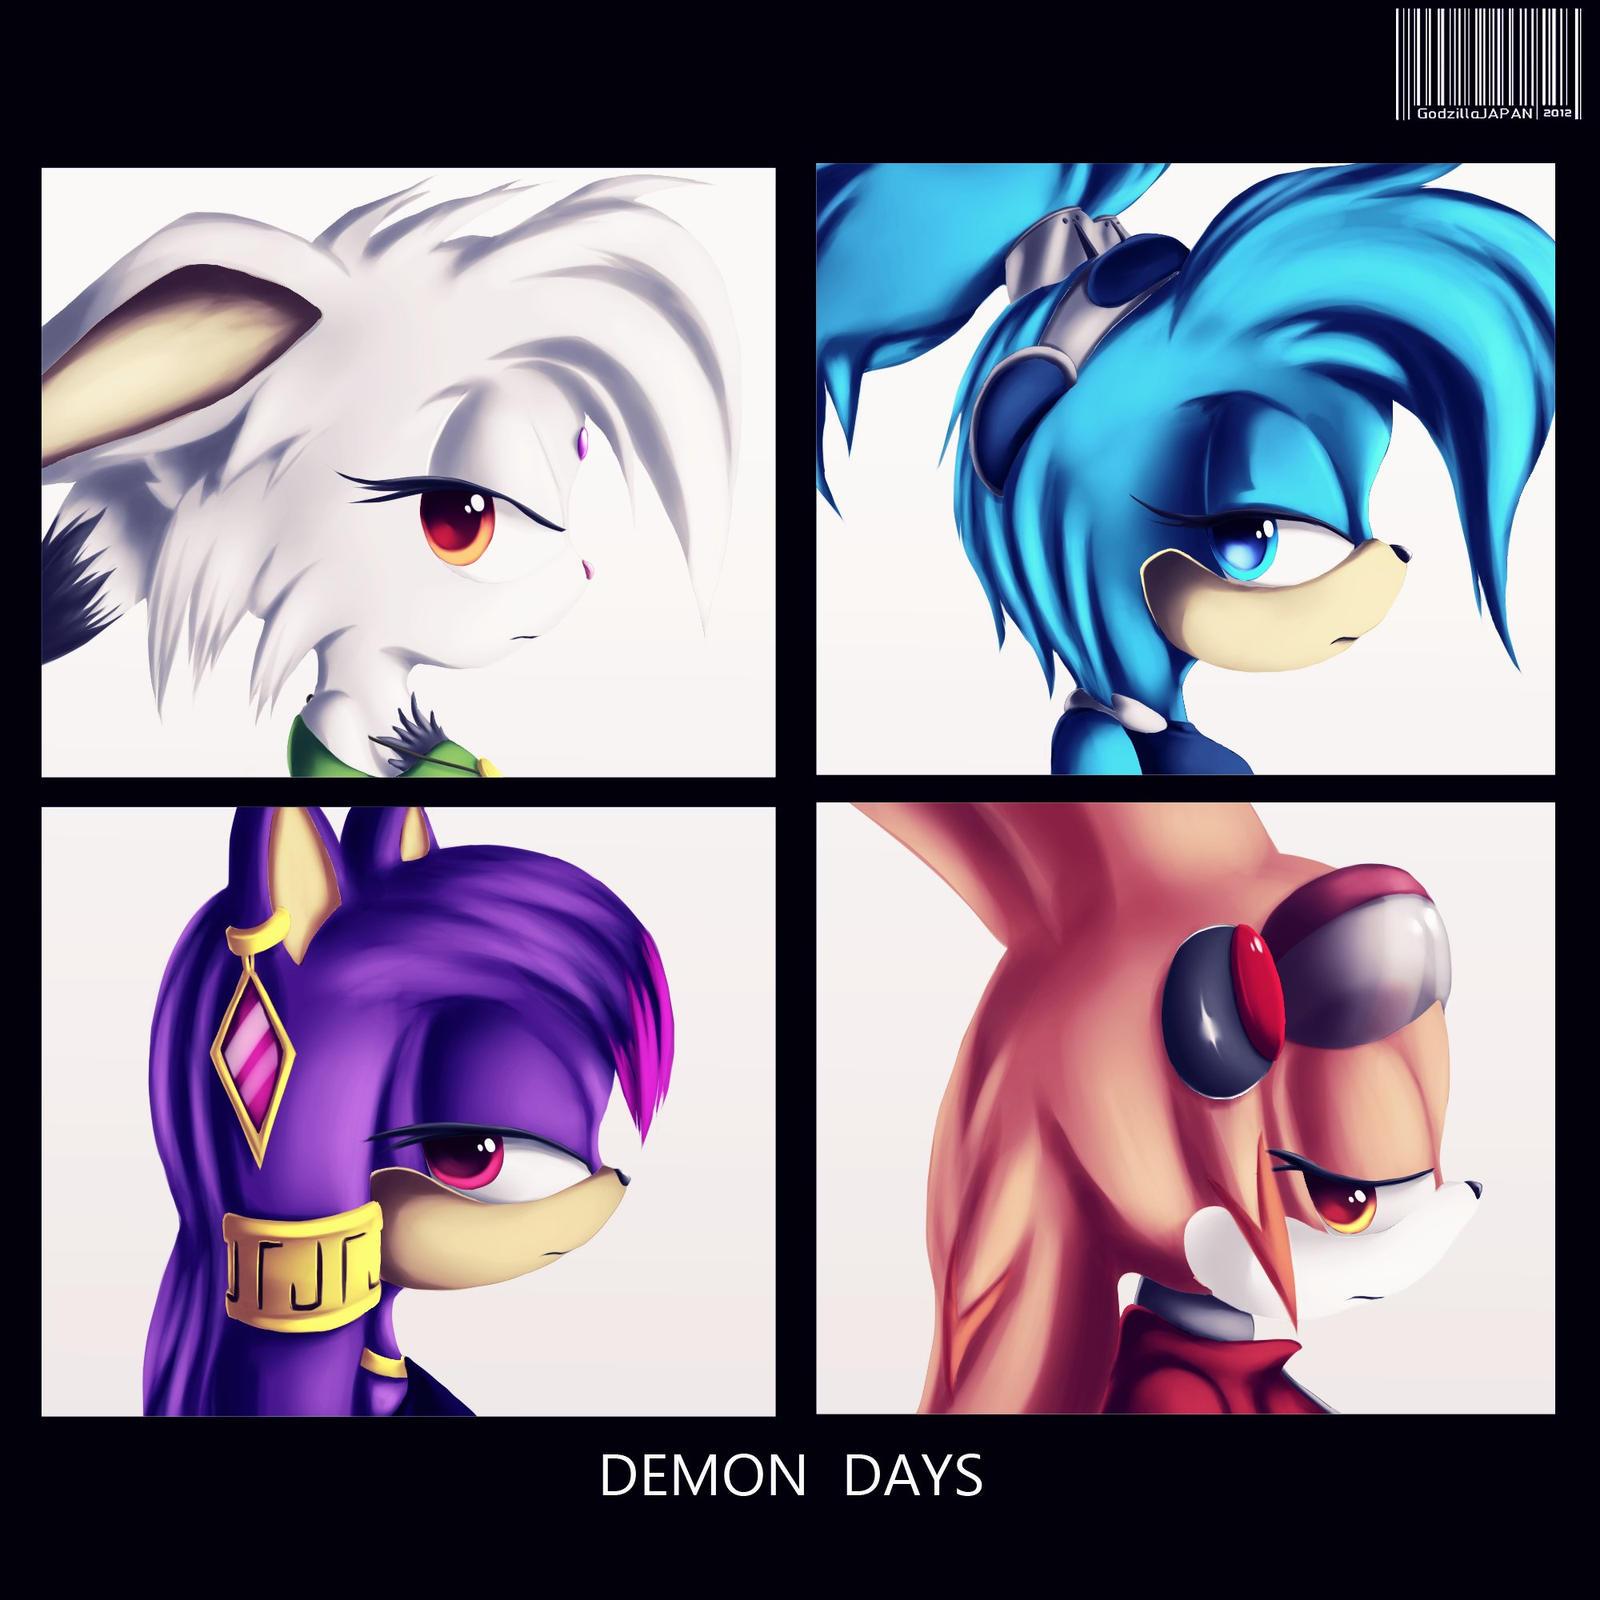 Demon Days by GodzillaJAPAN